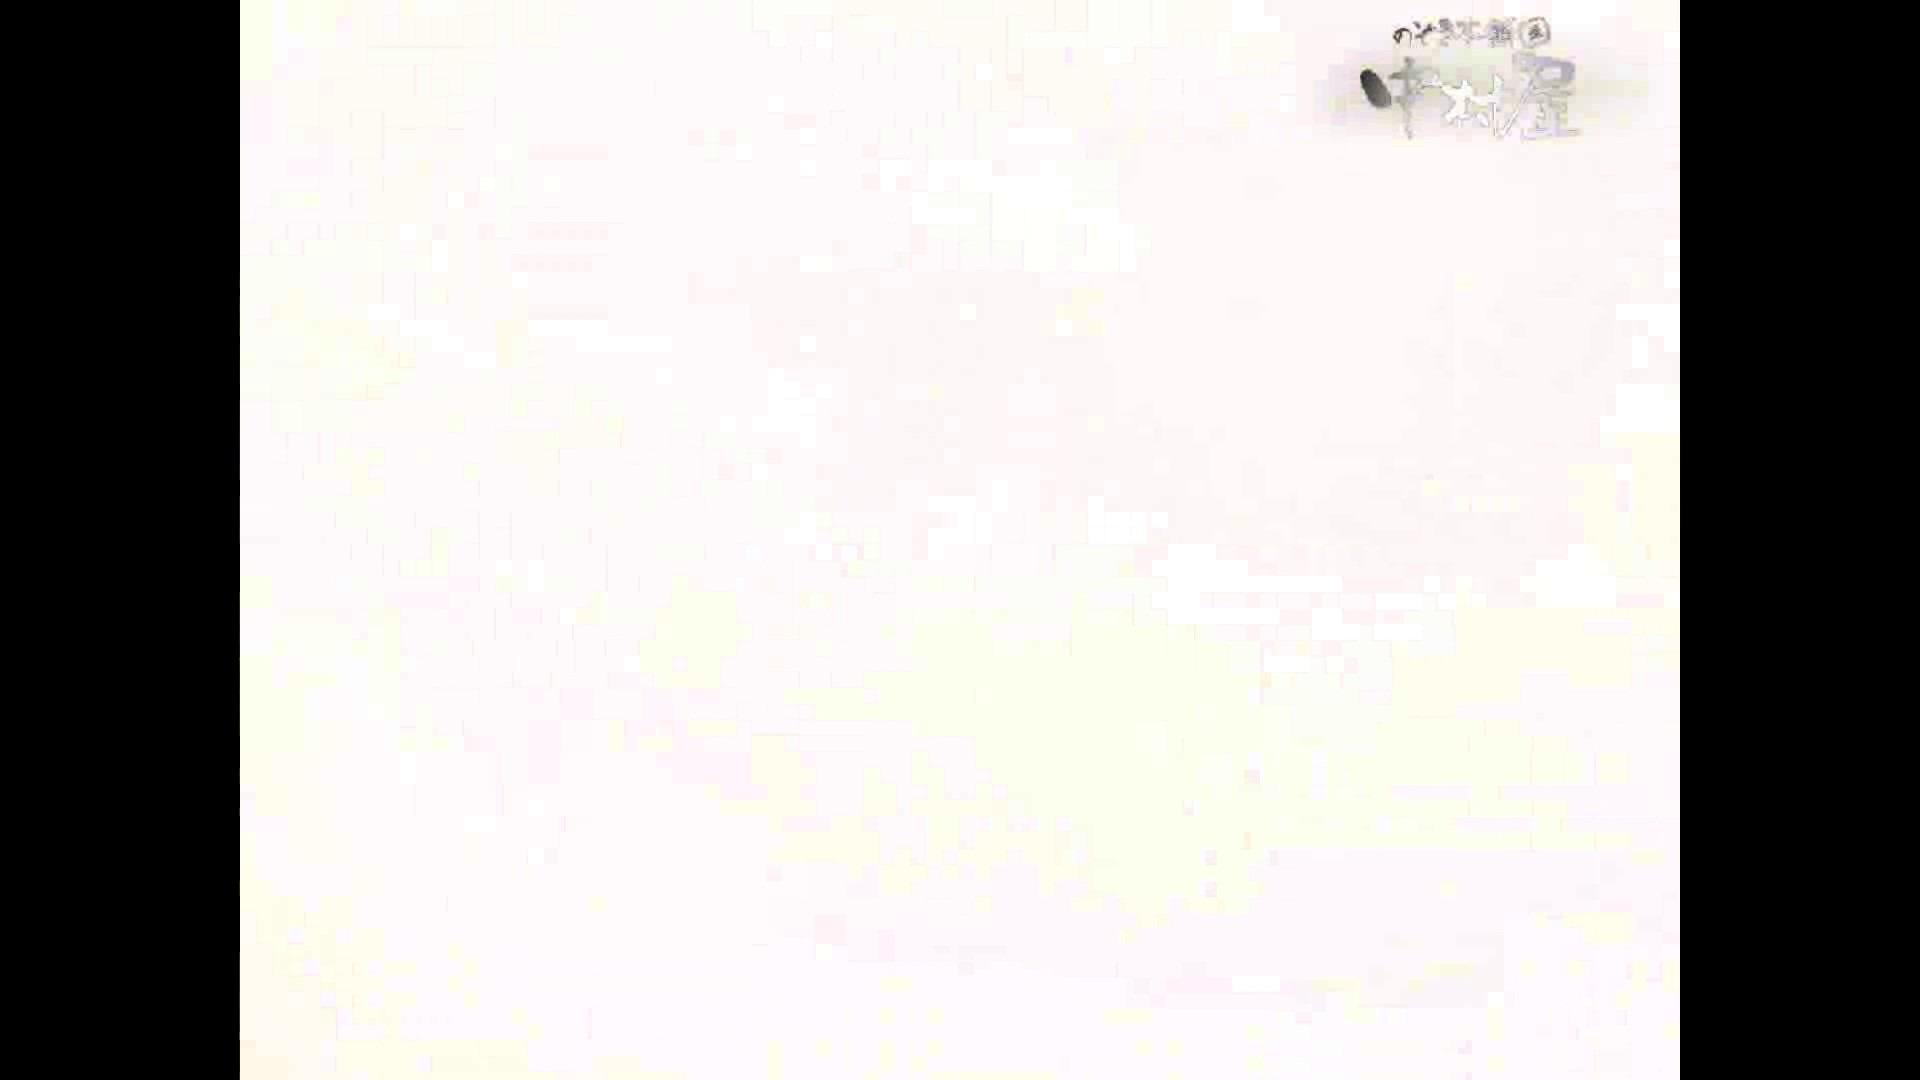 岩手県在住盗撮師盗撮記録vol.23 ハプニング   OLのエロ生活  112連発 73